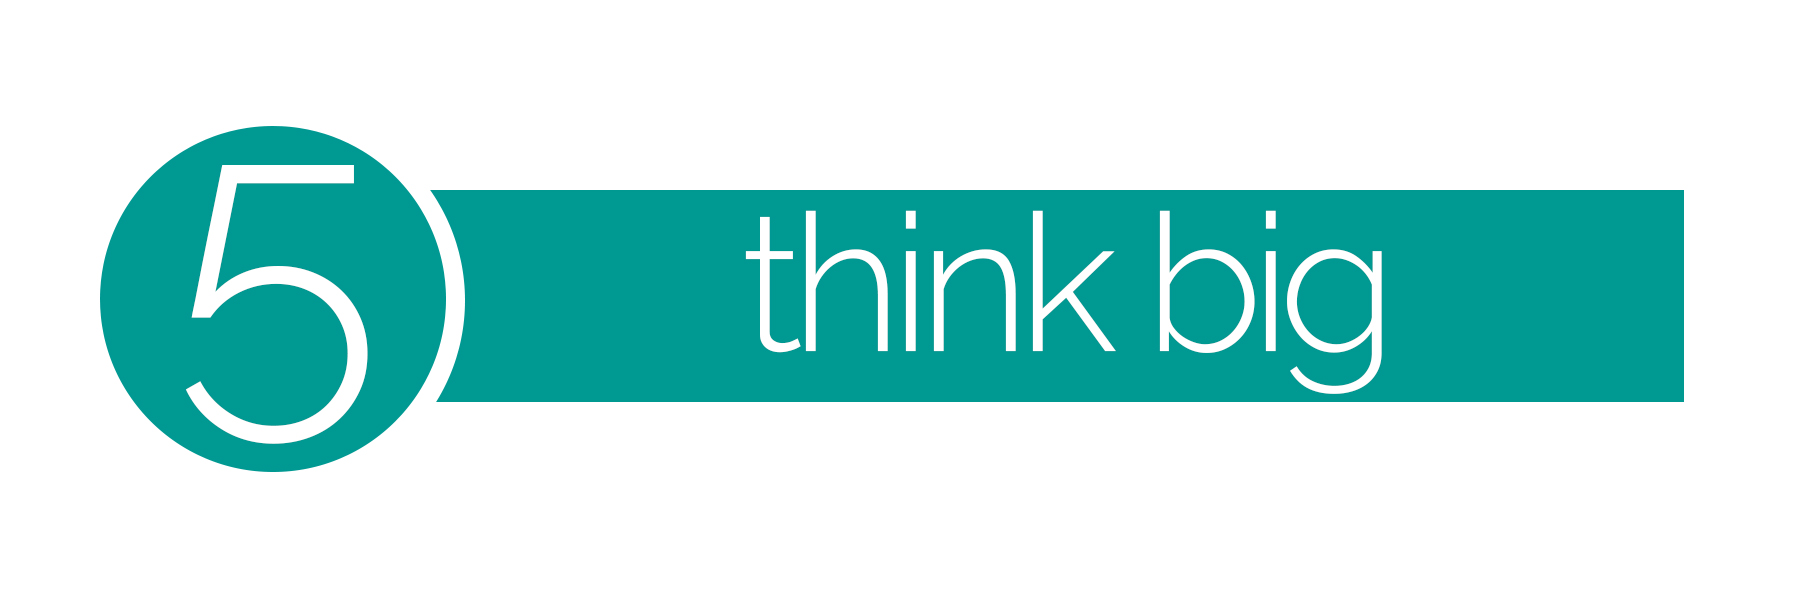 Core values #5 think big